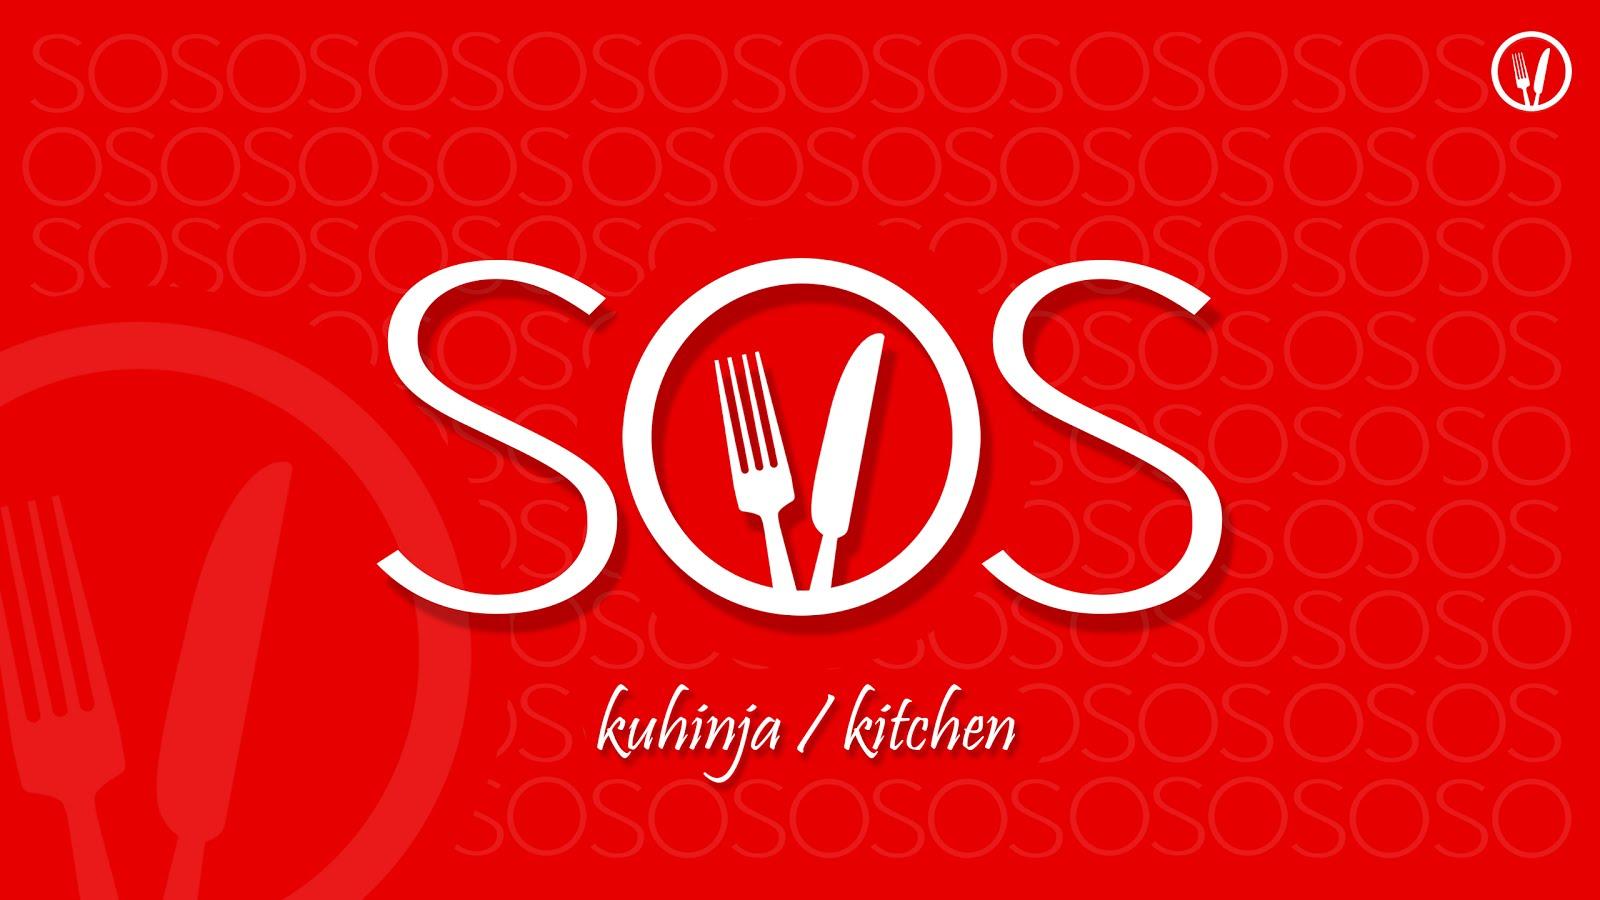 SOS Kuhinja/Kitchen